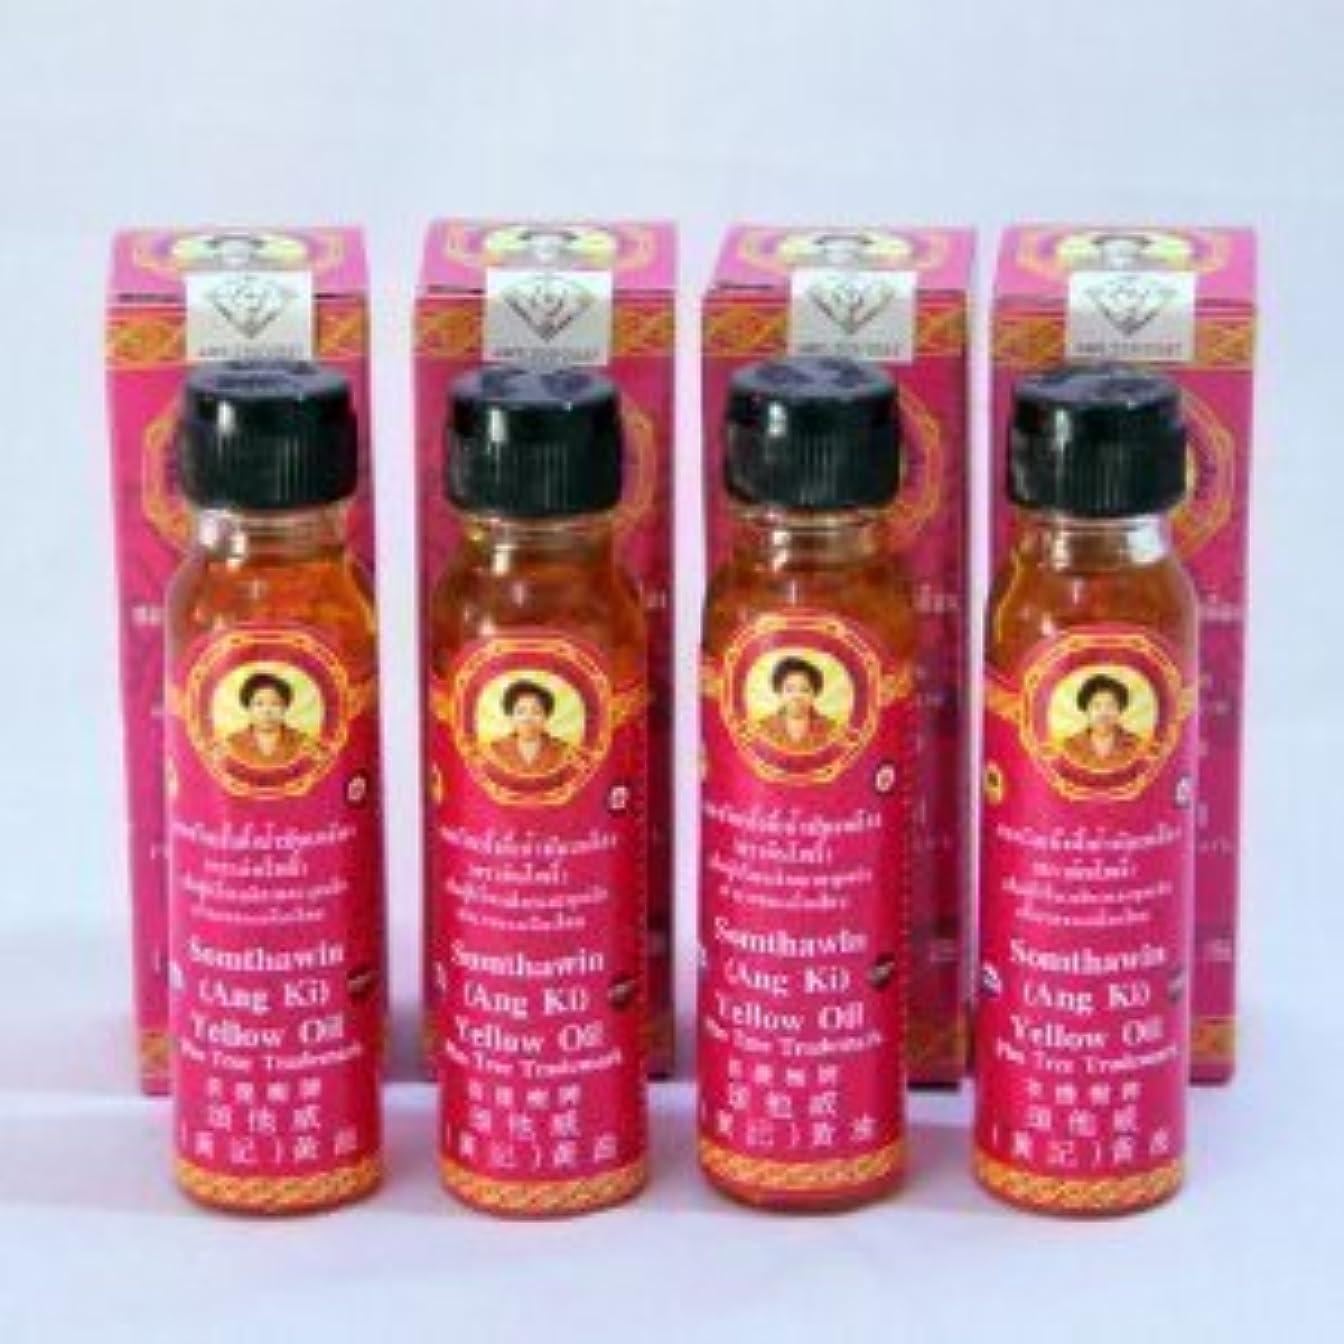 ほとんどの場合倒錯フレット4x Angki Somthawin Hotel Spa Natural Thai Aroma Herb Yellow Oil 24cc Wholesale Price Made of Thailand by Thailand...